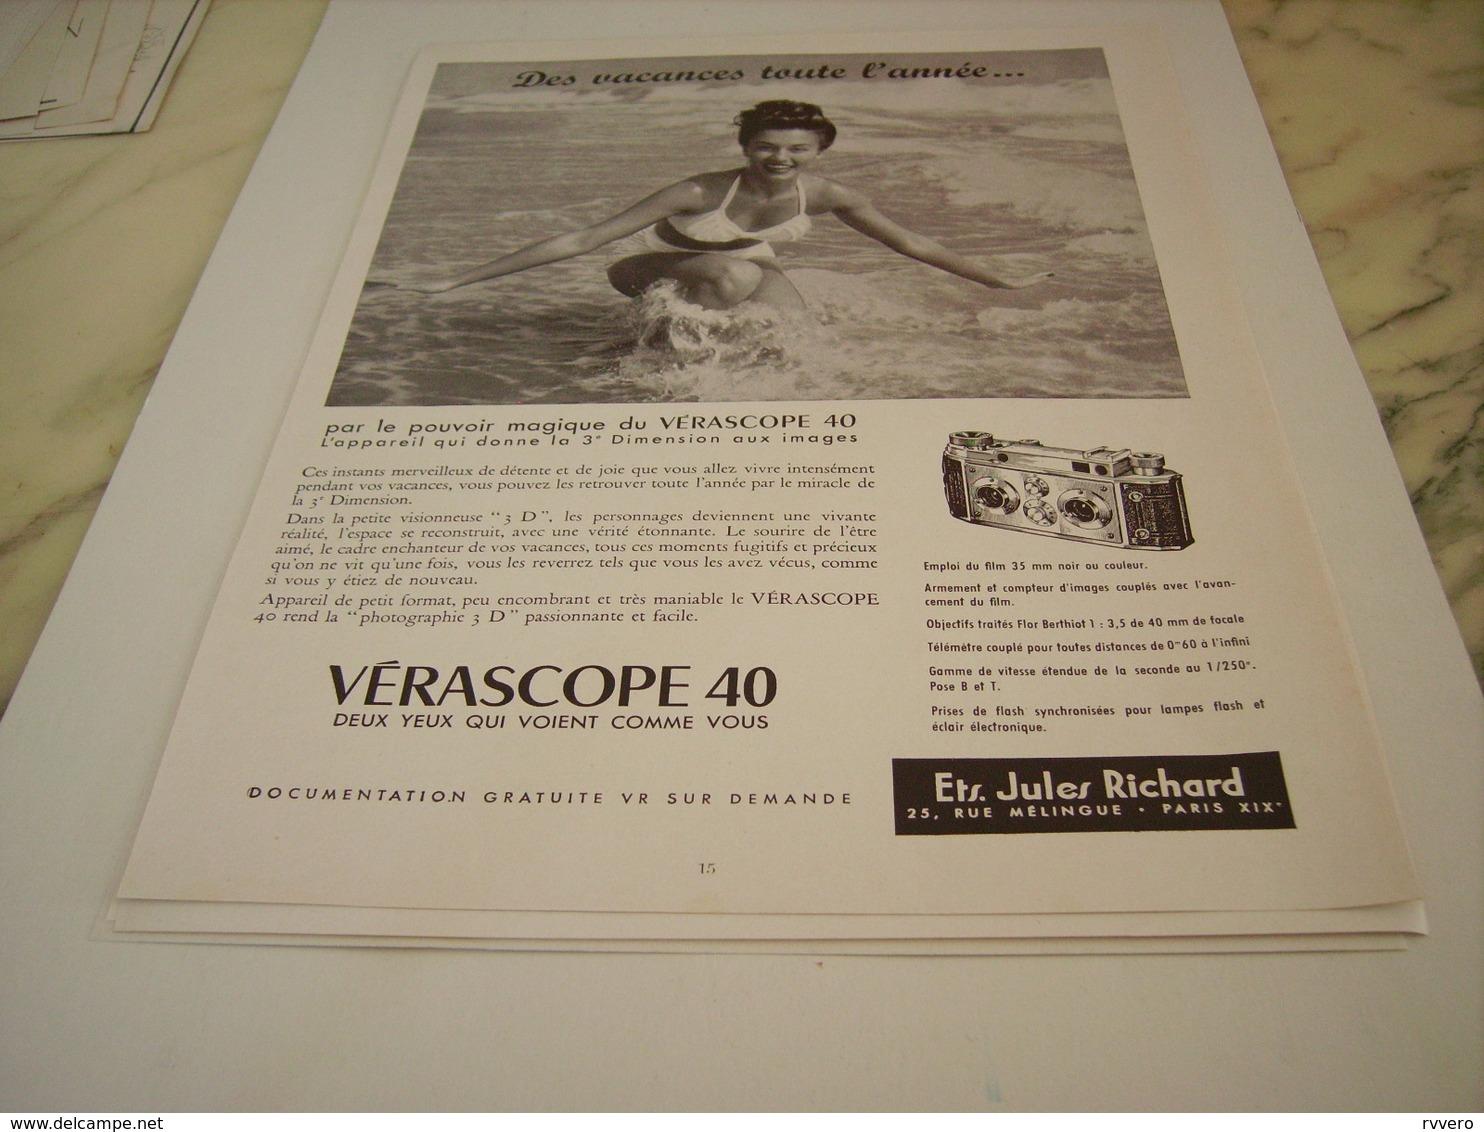 ANCIENNE PUBLICITE VERASCOPE 40 DE JULES RICHARD  1955 - Posters